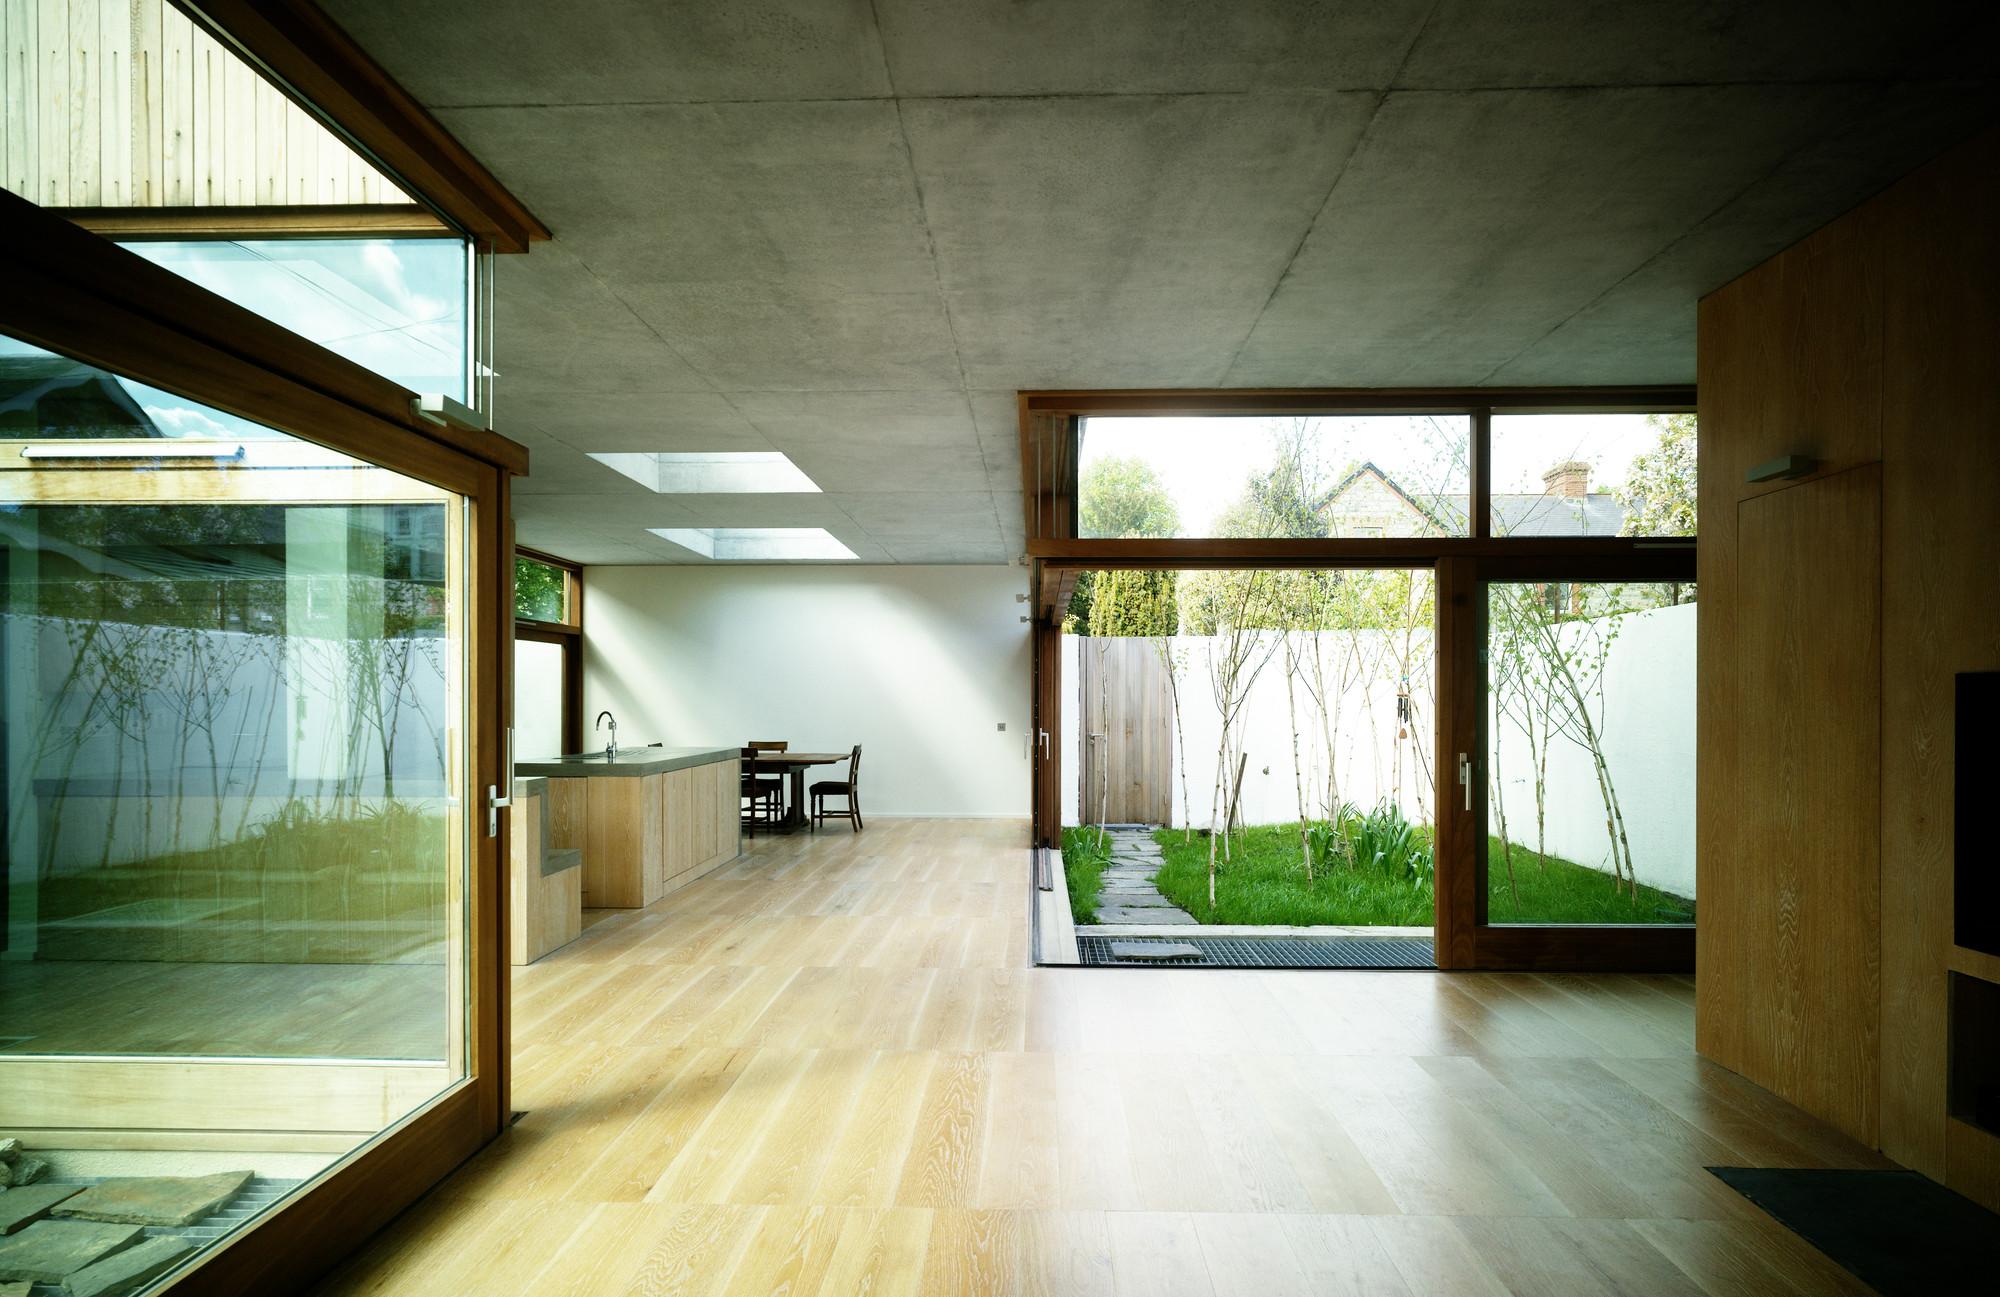 Z casa quadrada mccullough mulvin architects archdaily for Modelos de terrazas modernas